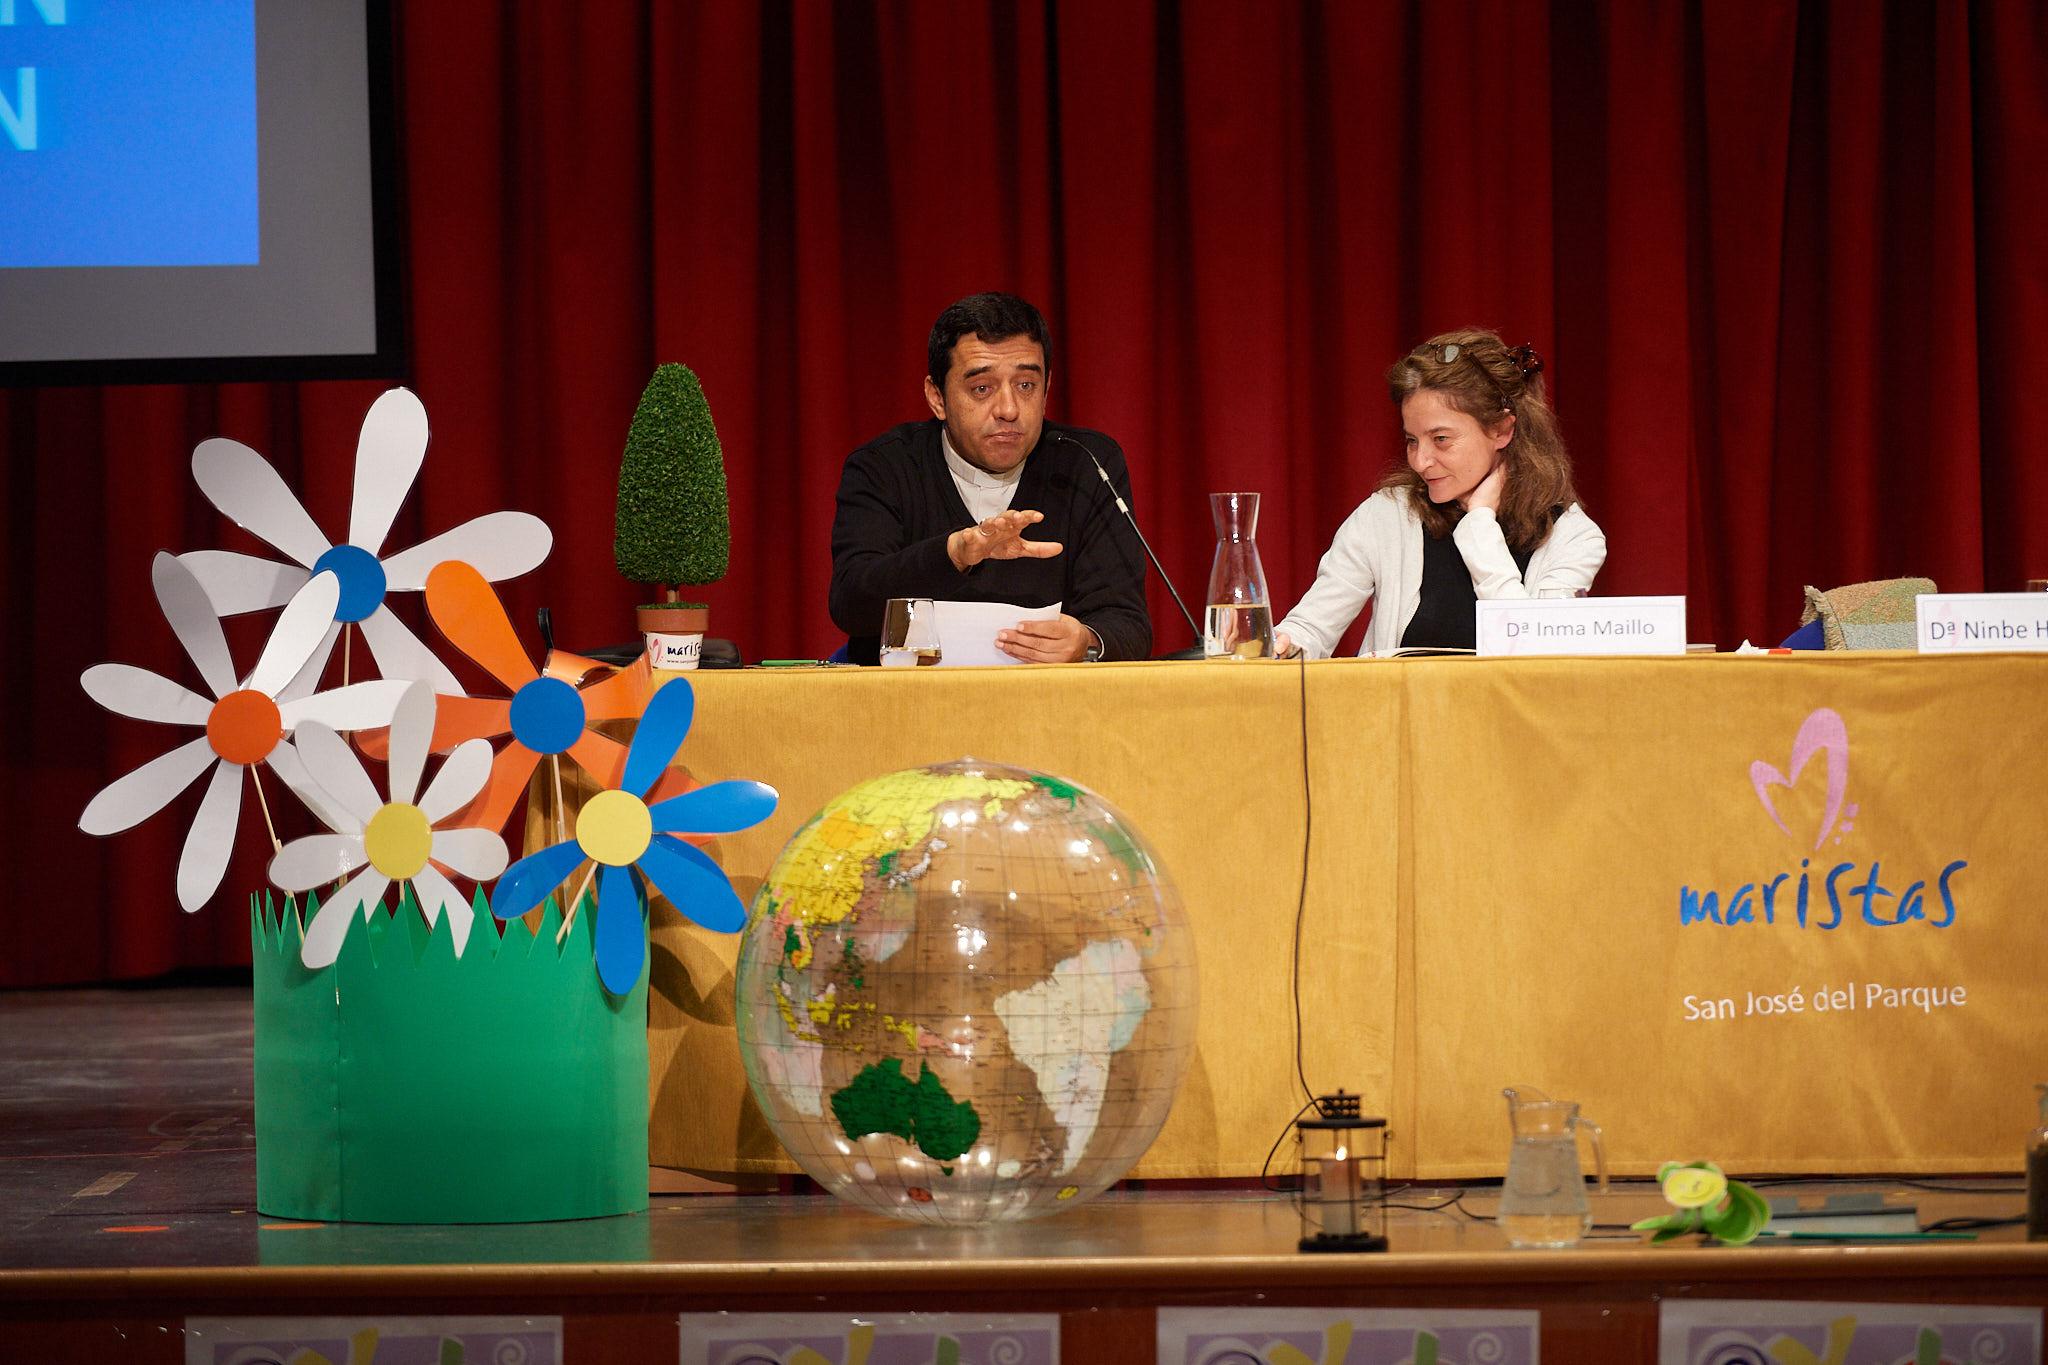 Medio Ambiente y protección de la 'Casa Común' en el Foro Provincial de Maristas Ibérica